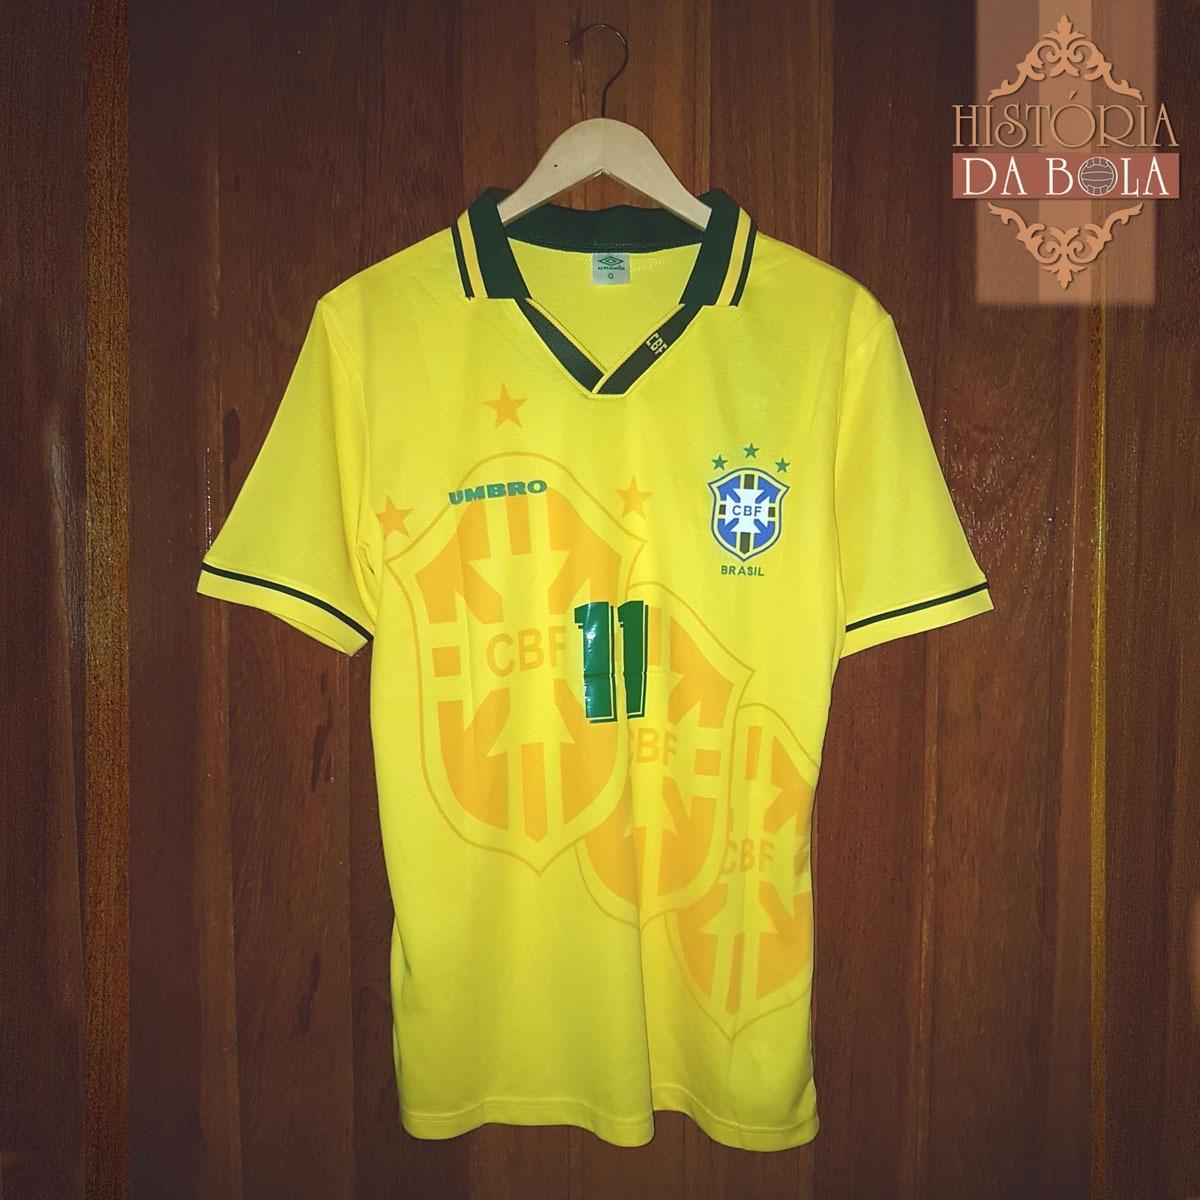 camisa brasil retrô - 1994 - 11 romario pronta entrega. Carregando zoom. c831cad70aa3d